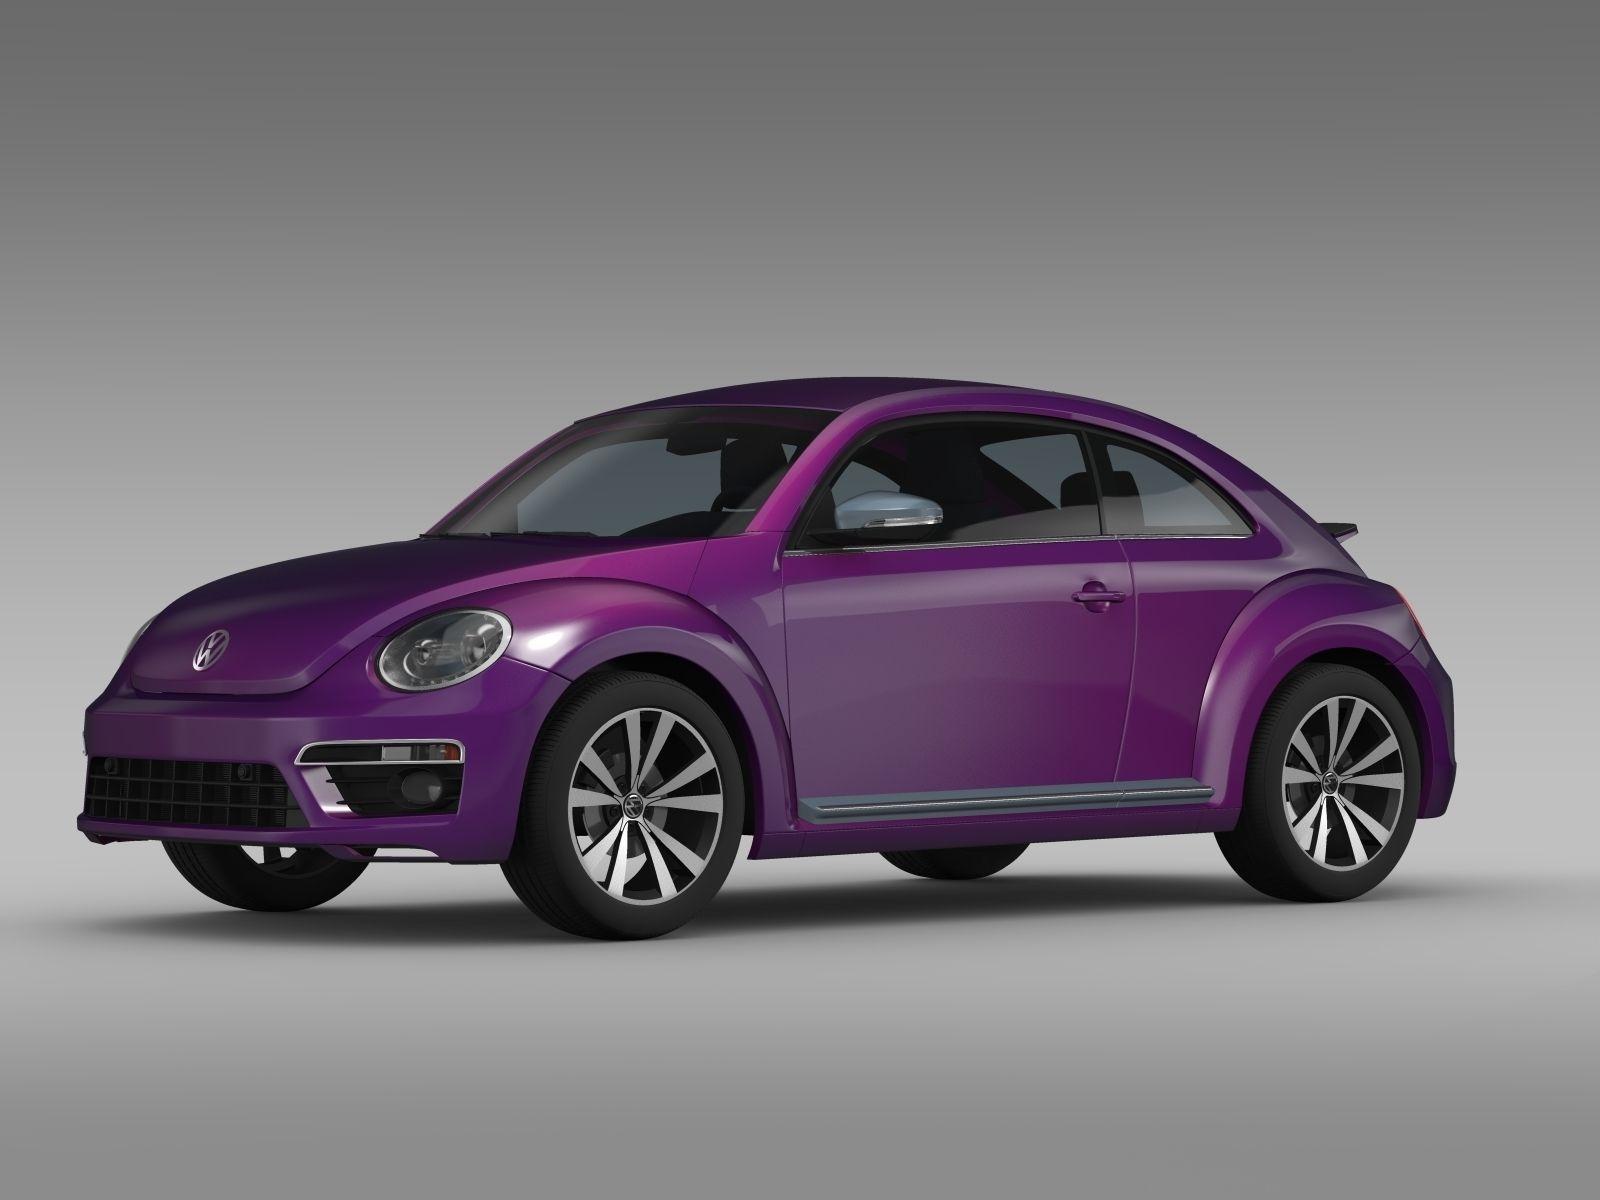 vw beetle pink edition concept 2015 3d model max obj 3ds fbx c4d lwo lw lws. Black Bedroom Furniture Sets. Home Design Ideas